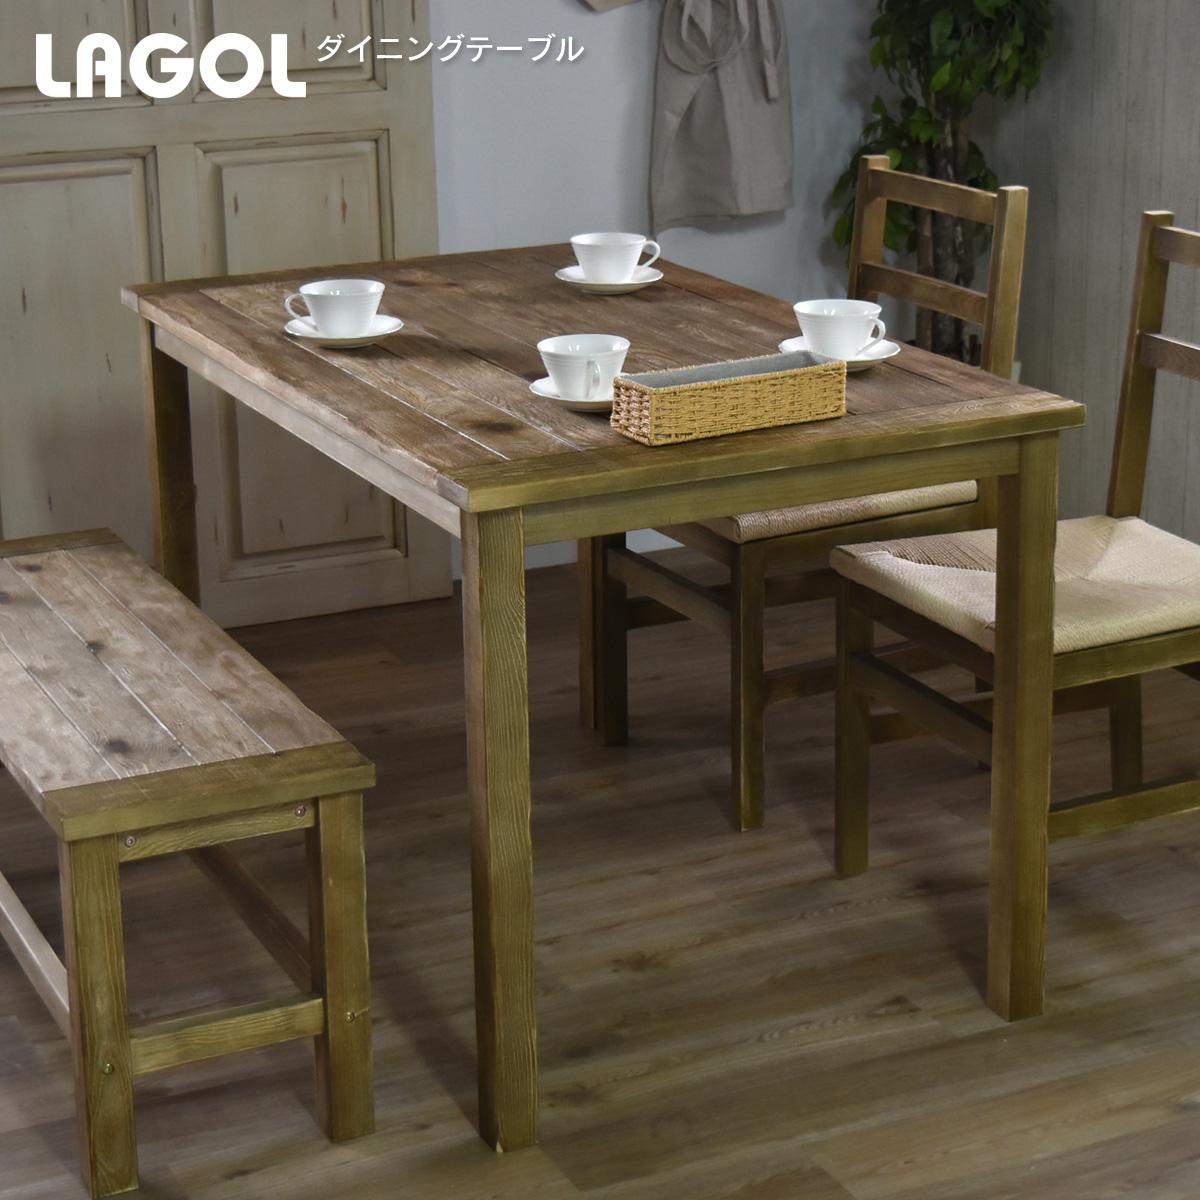 LAGOL ダイニングテーブル 幅120cm 4人掛け カフェ 天然木 アンティーク 古材 木製 おしゃれ デザイン